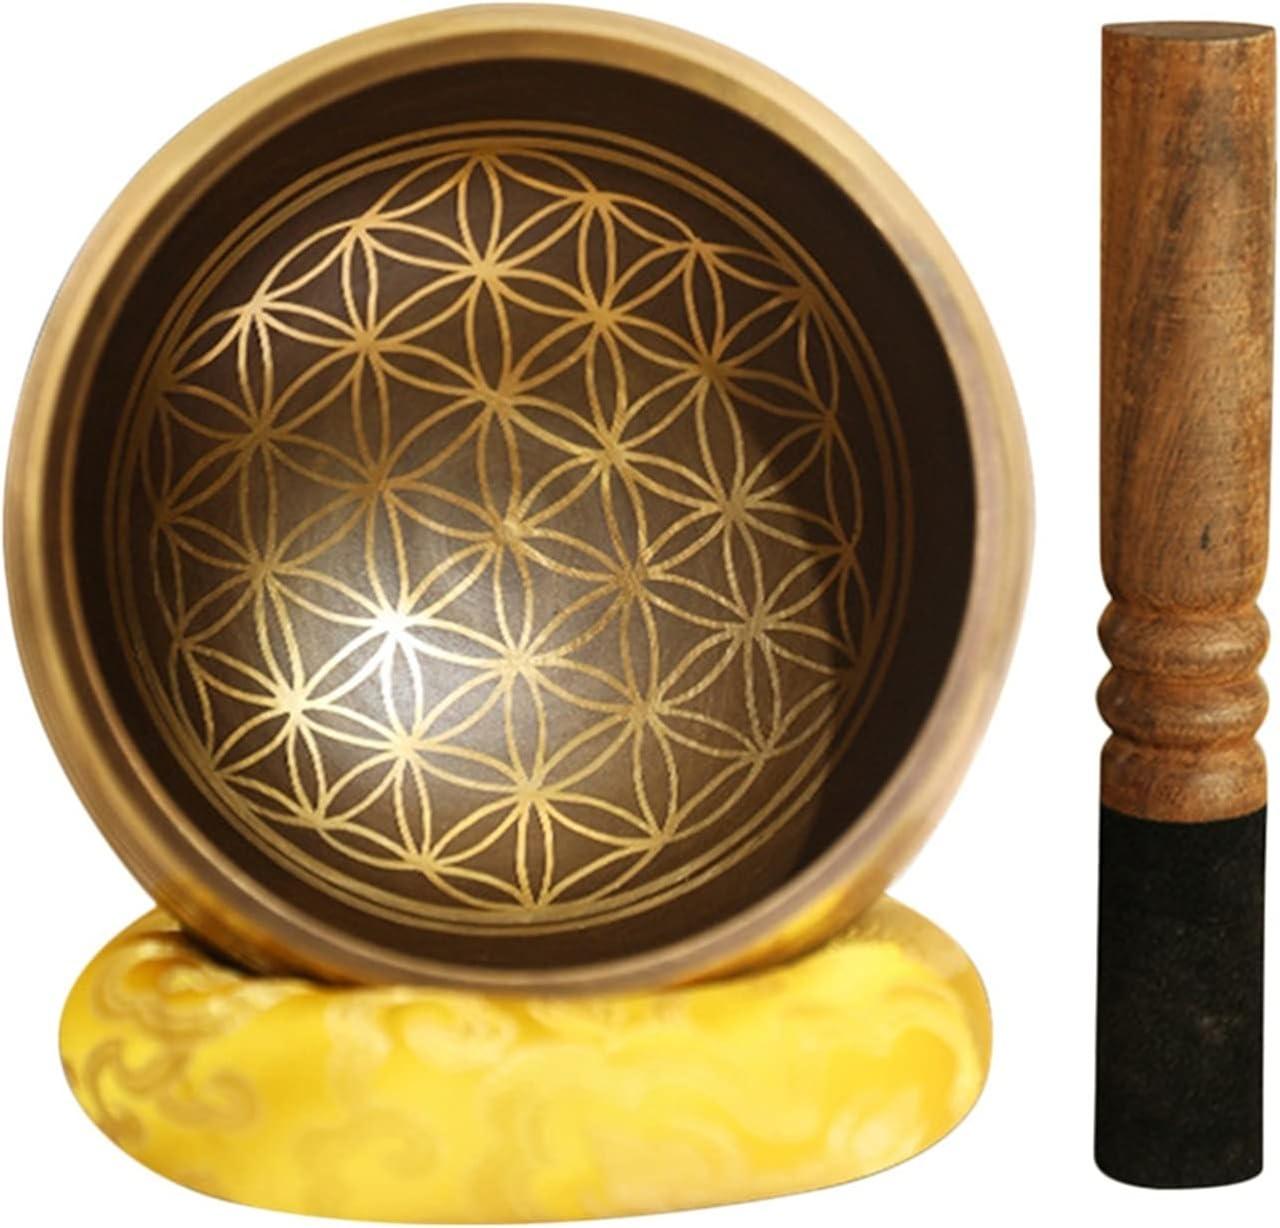 WPJ Cuencos Tibetanos Cuenco de Sonido de meditación para Zen Chakra Decor Accesorios de Yoga, con cojín de Seda mazo Cantaje Cuenco meditación Sonido Cuenco Instrumento de curación Regalo